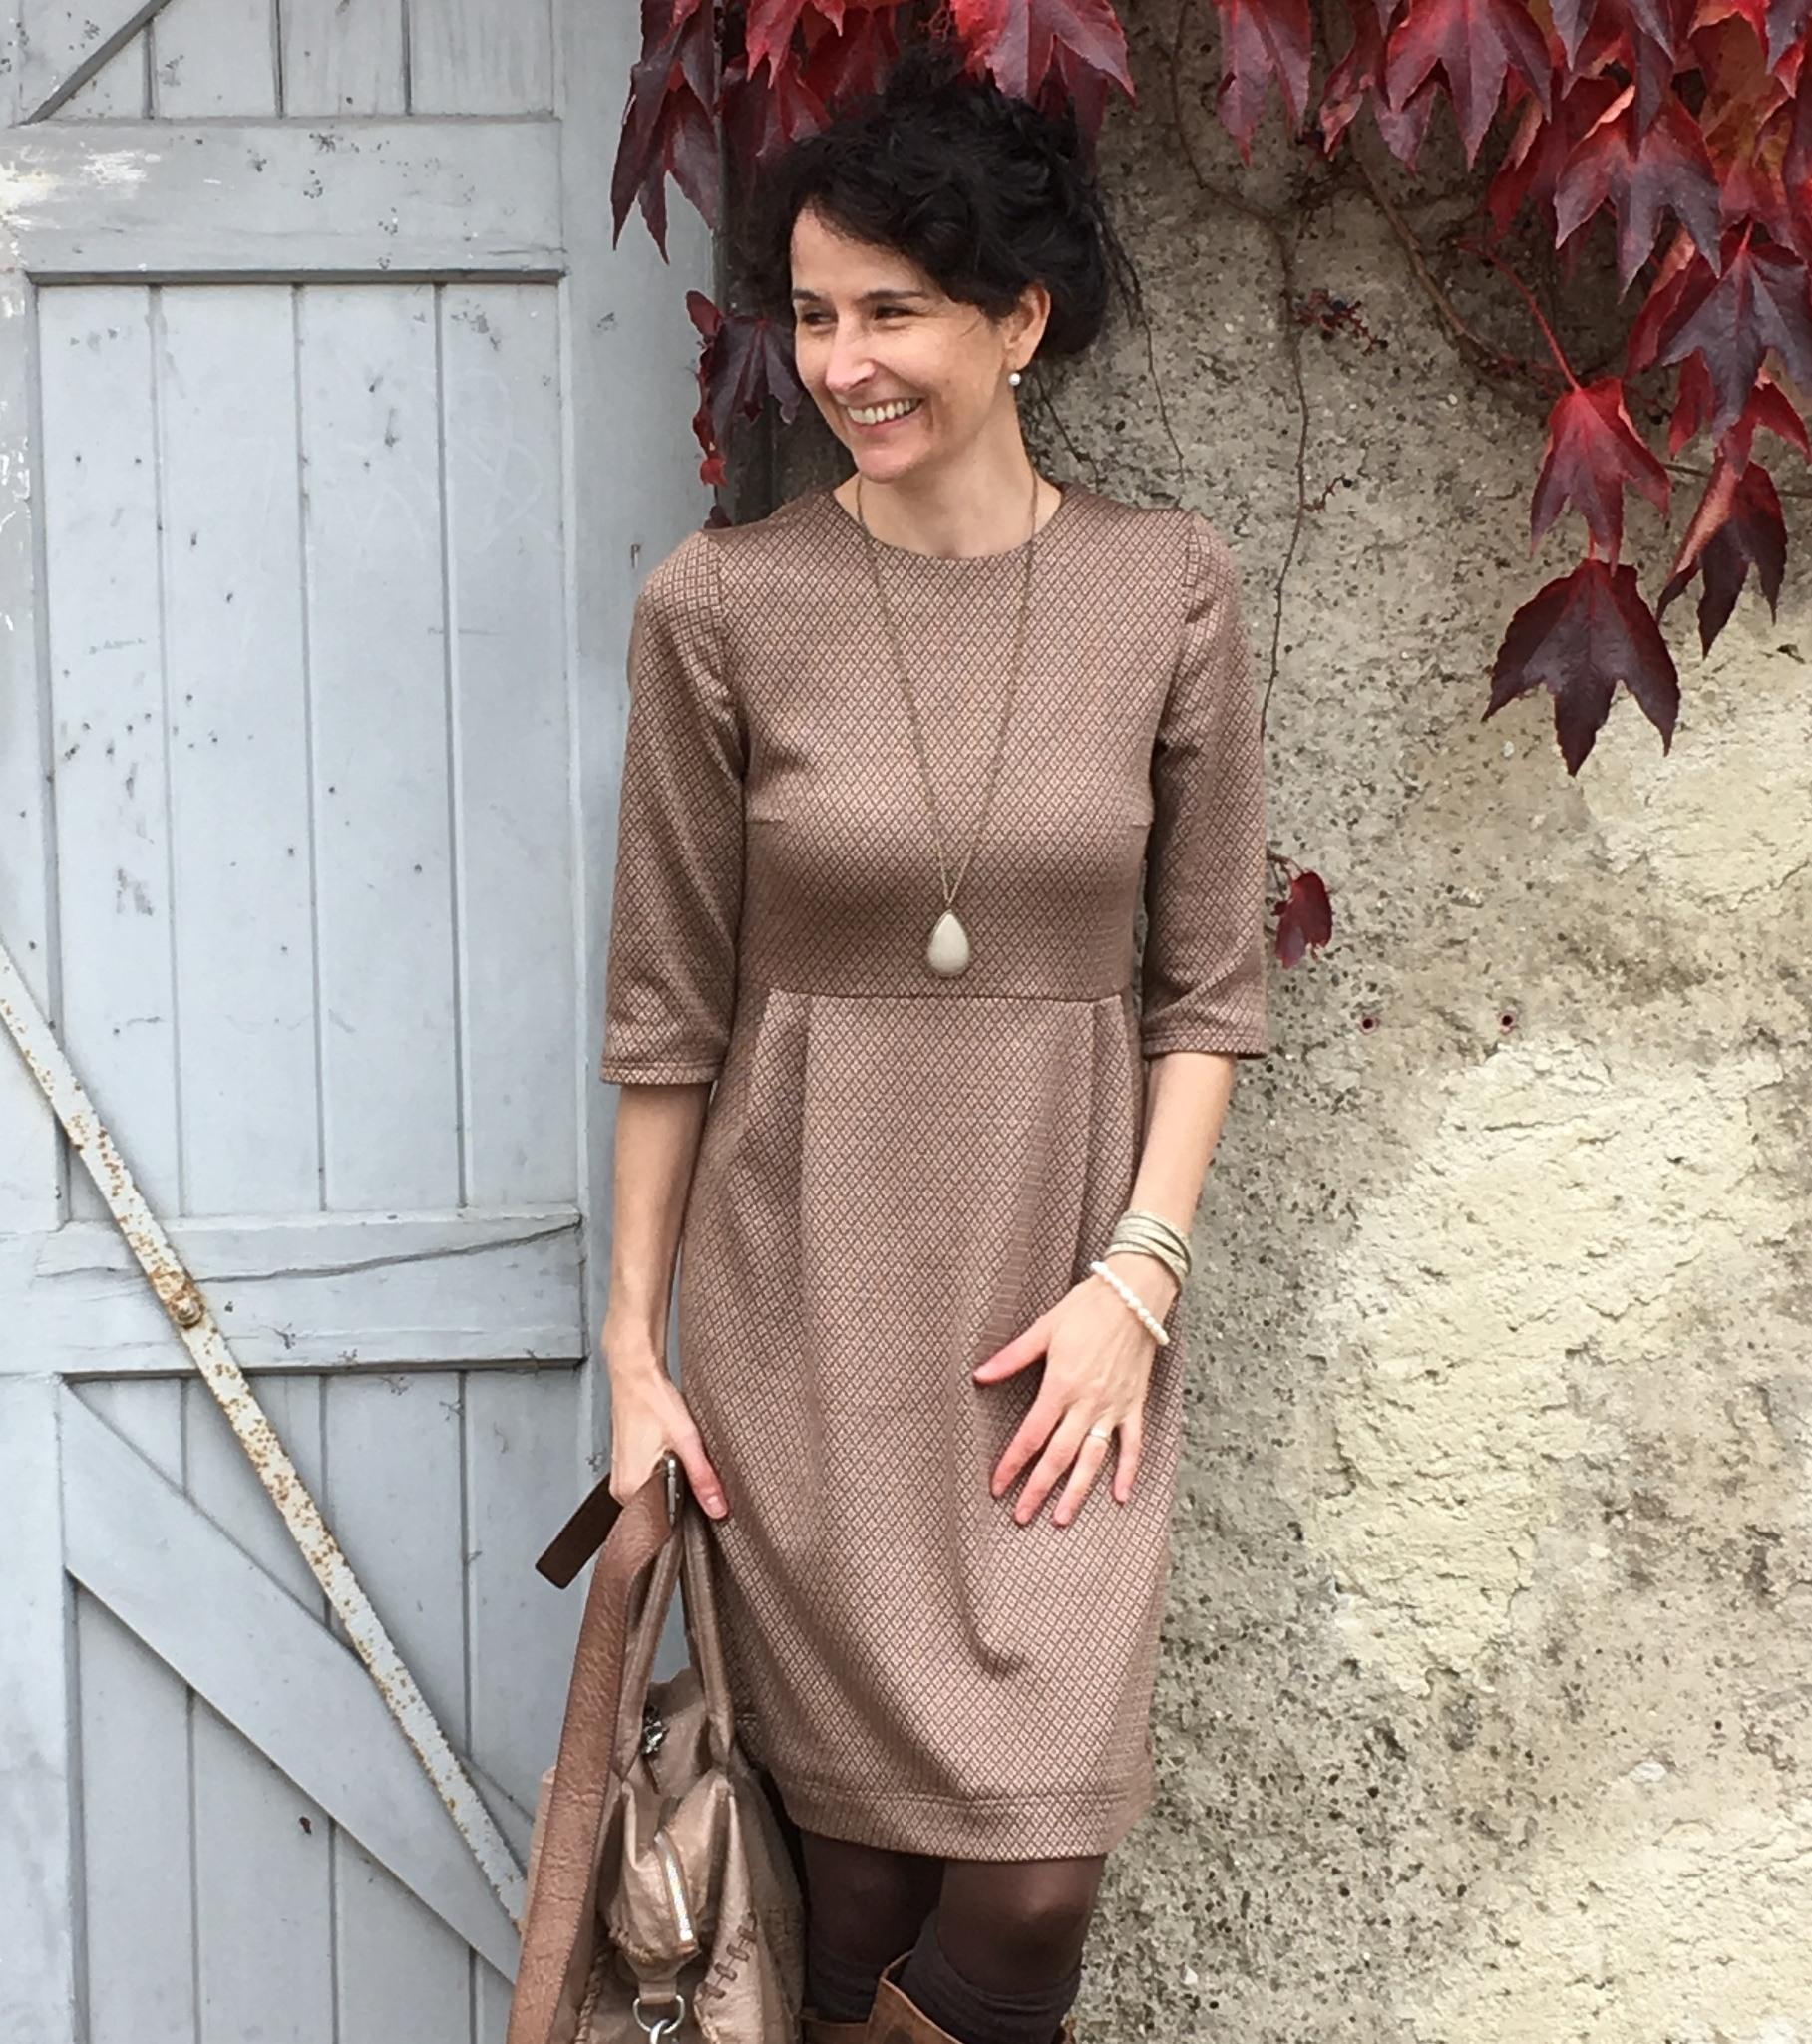 Abend Perfekt Herbst Kleider Damen für 2019Designer Großartig Herbst Kleider Damen für 2019